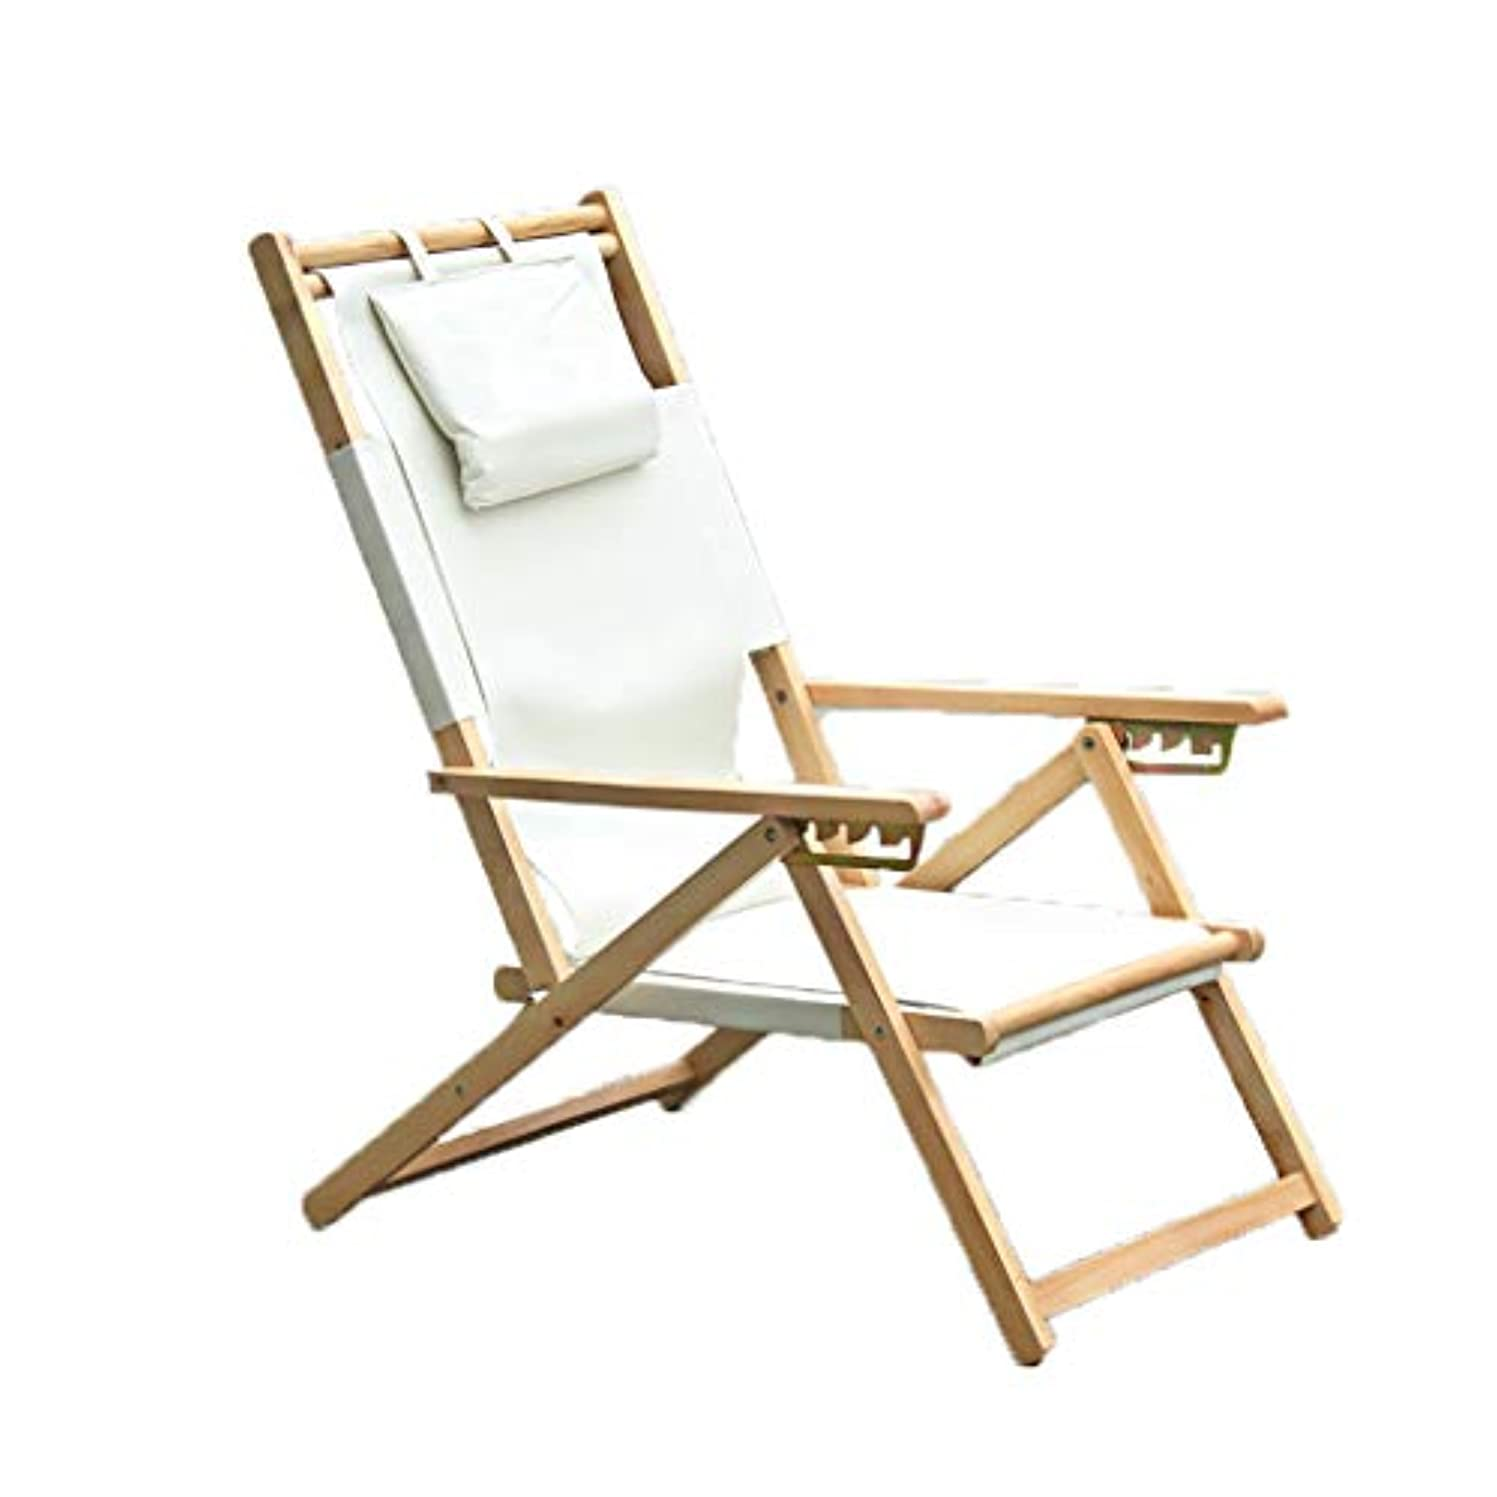 電子合唱団核JTWJ ソリッドウッド折りたたみ椅子ヨーロッパのファブリックホームチェアレジャーチェア折りたたみチェア (色 : A)